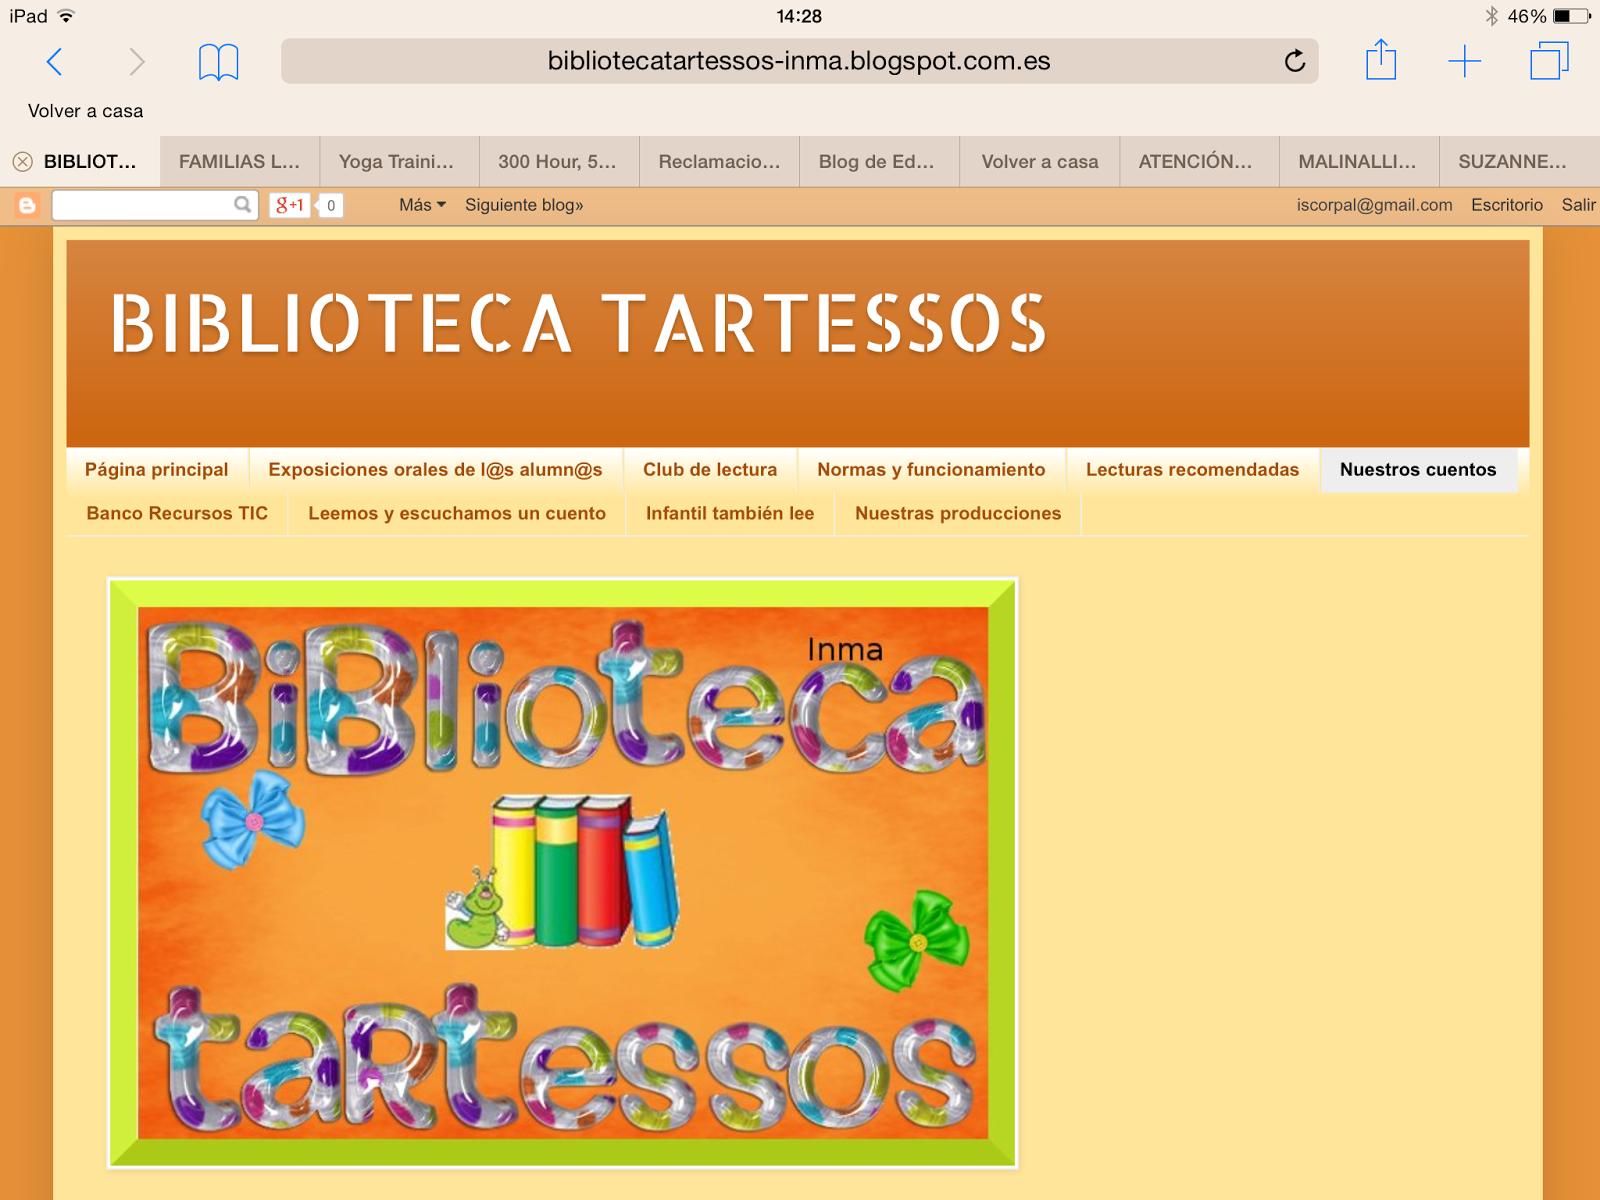 http://bibliotecatartessos-inma.blogspot.com.es/